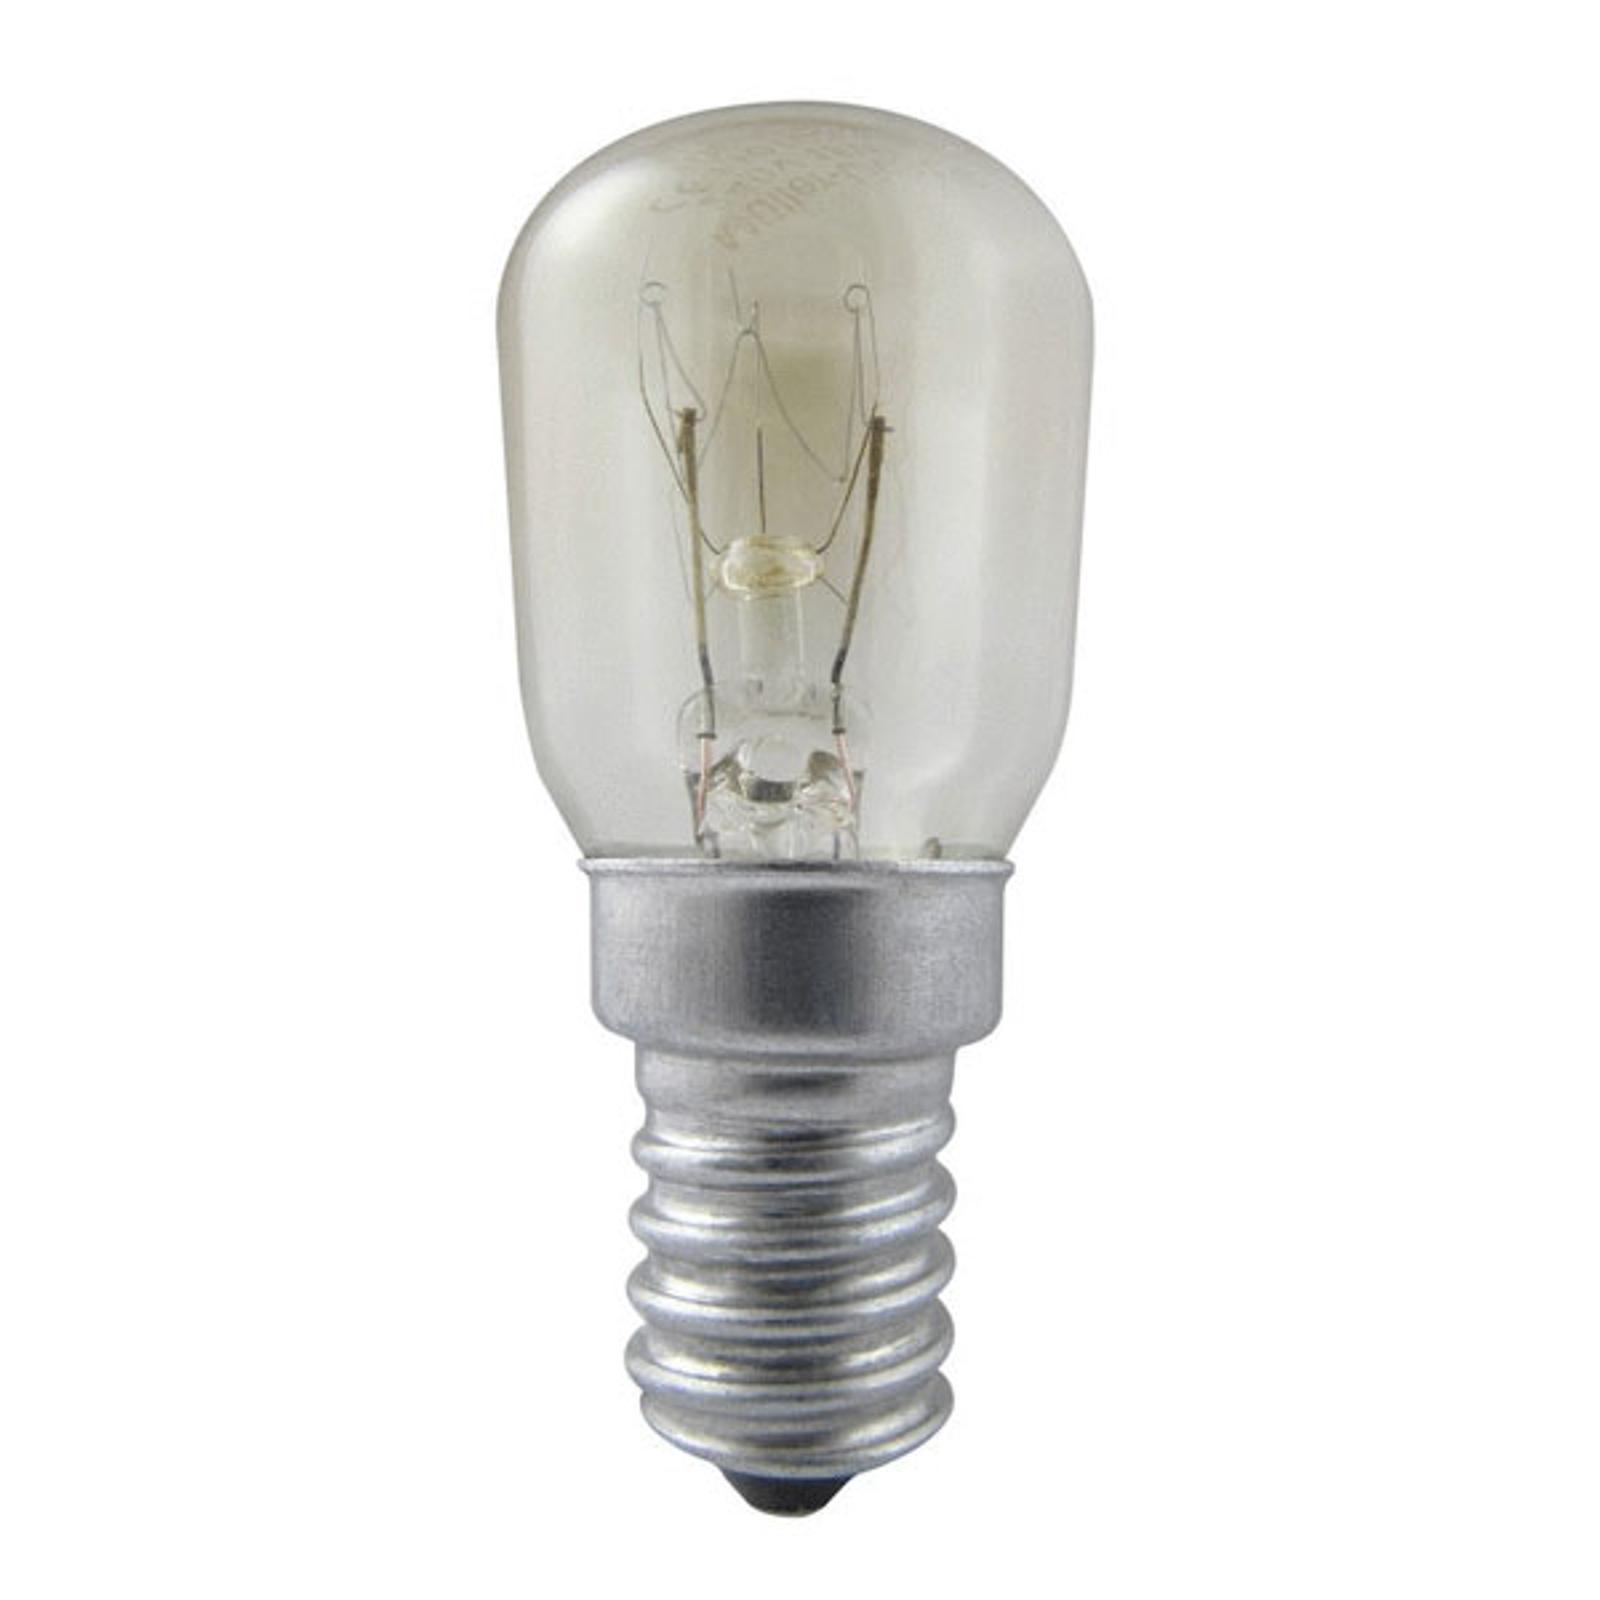 Acquista E14 15 W lampadina per frigorifero, dimmerabile